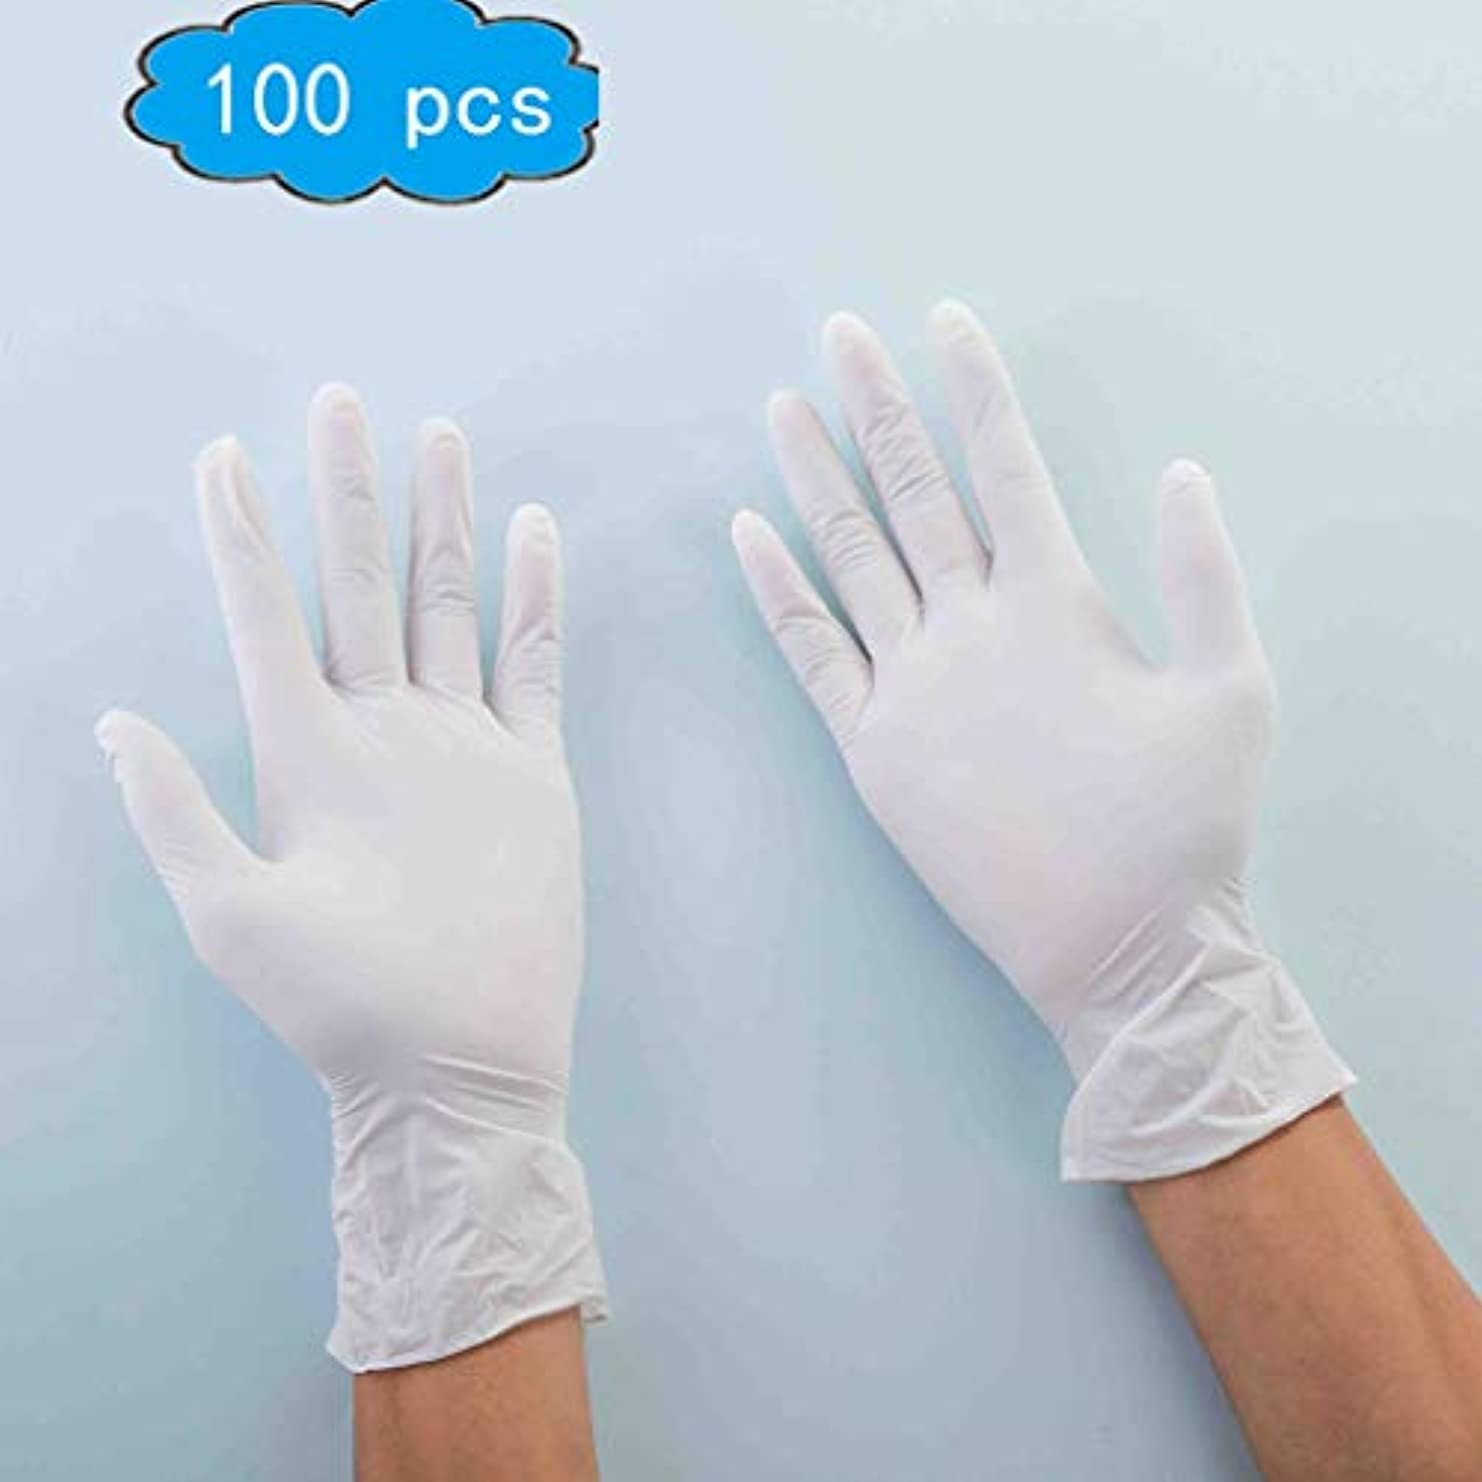 アフリカ人枝オリエント使い捨て手袋 - 白、厚めのバージョン、ニトリル手袋、パウダーフリー、試験、無菌、中、100箱、手と腕の保護 (Color : White, Size : L)